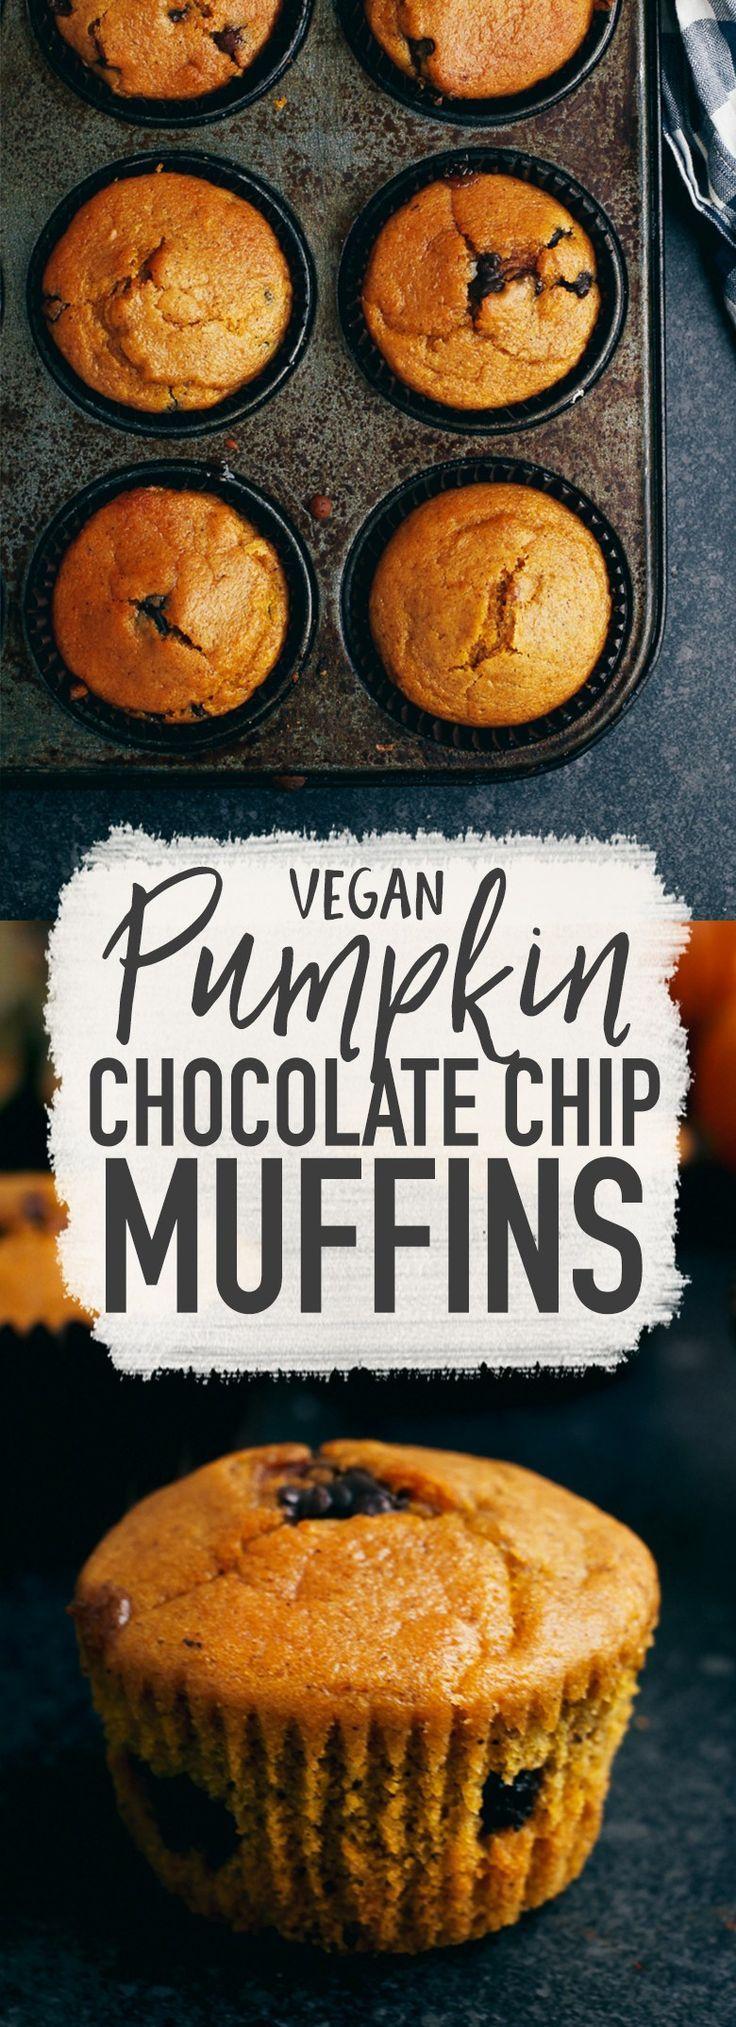 Vegan Chocolate Chip Pumpkin Muffins - Wallflower Kitchen